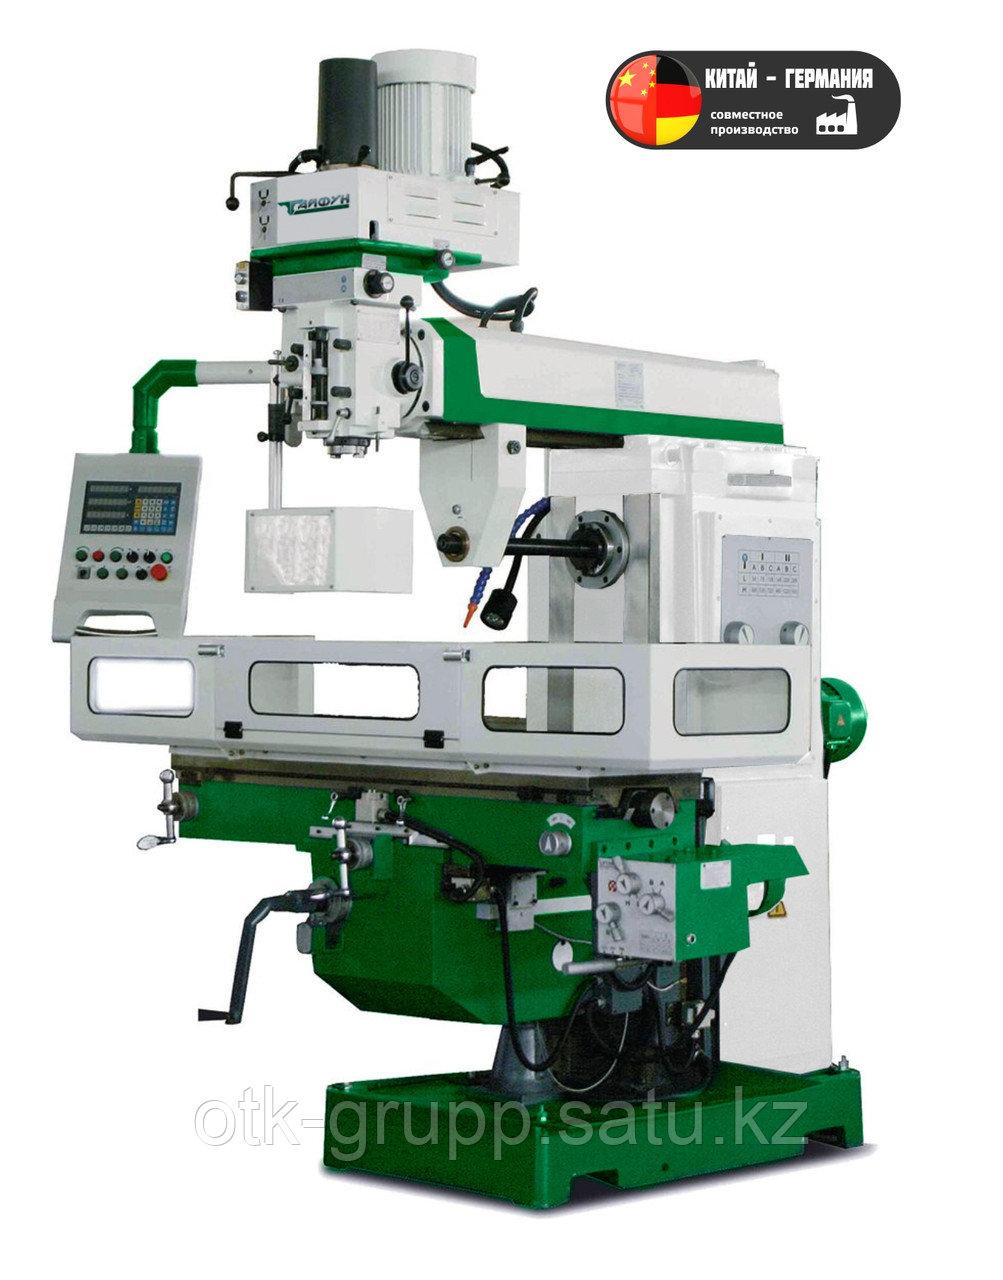 Универсально-фрезерный станок УФС-1330Ф1